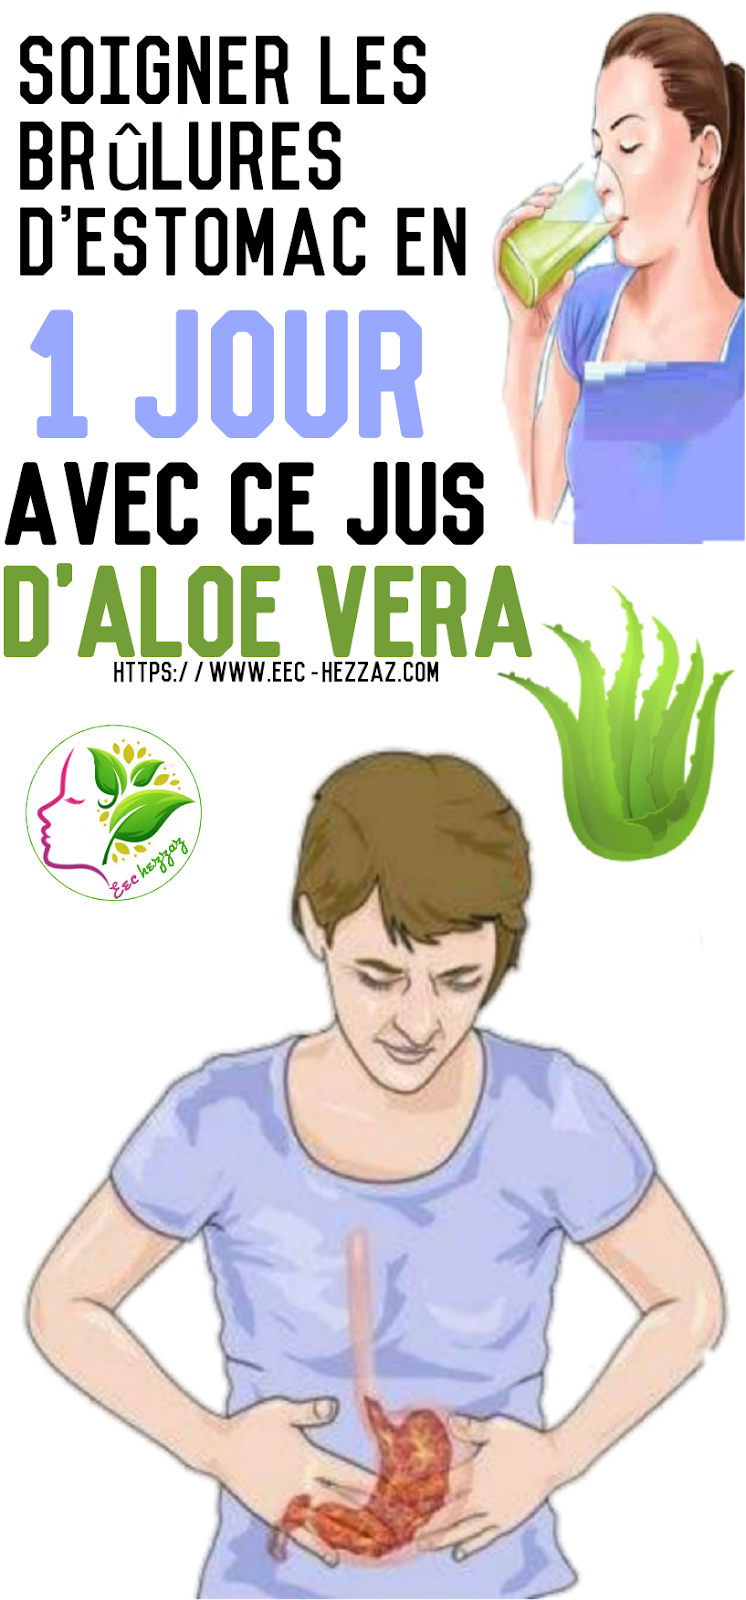 Soigner les brûlures d'estomac en 1 jour avec ce jus d'Aloe Vera